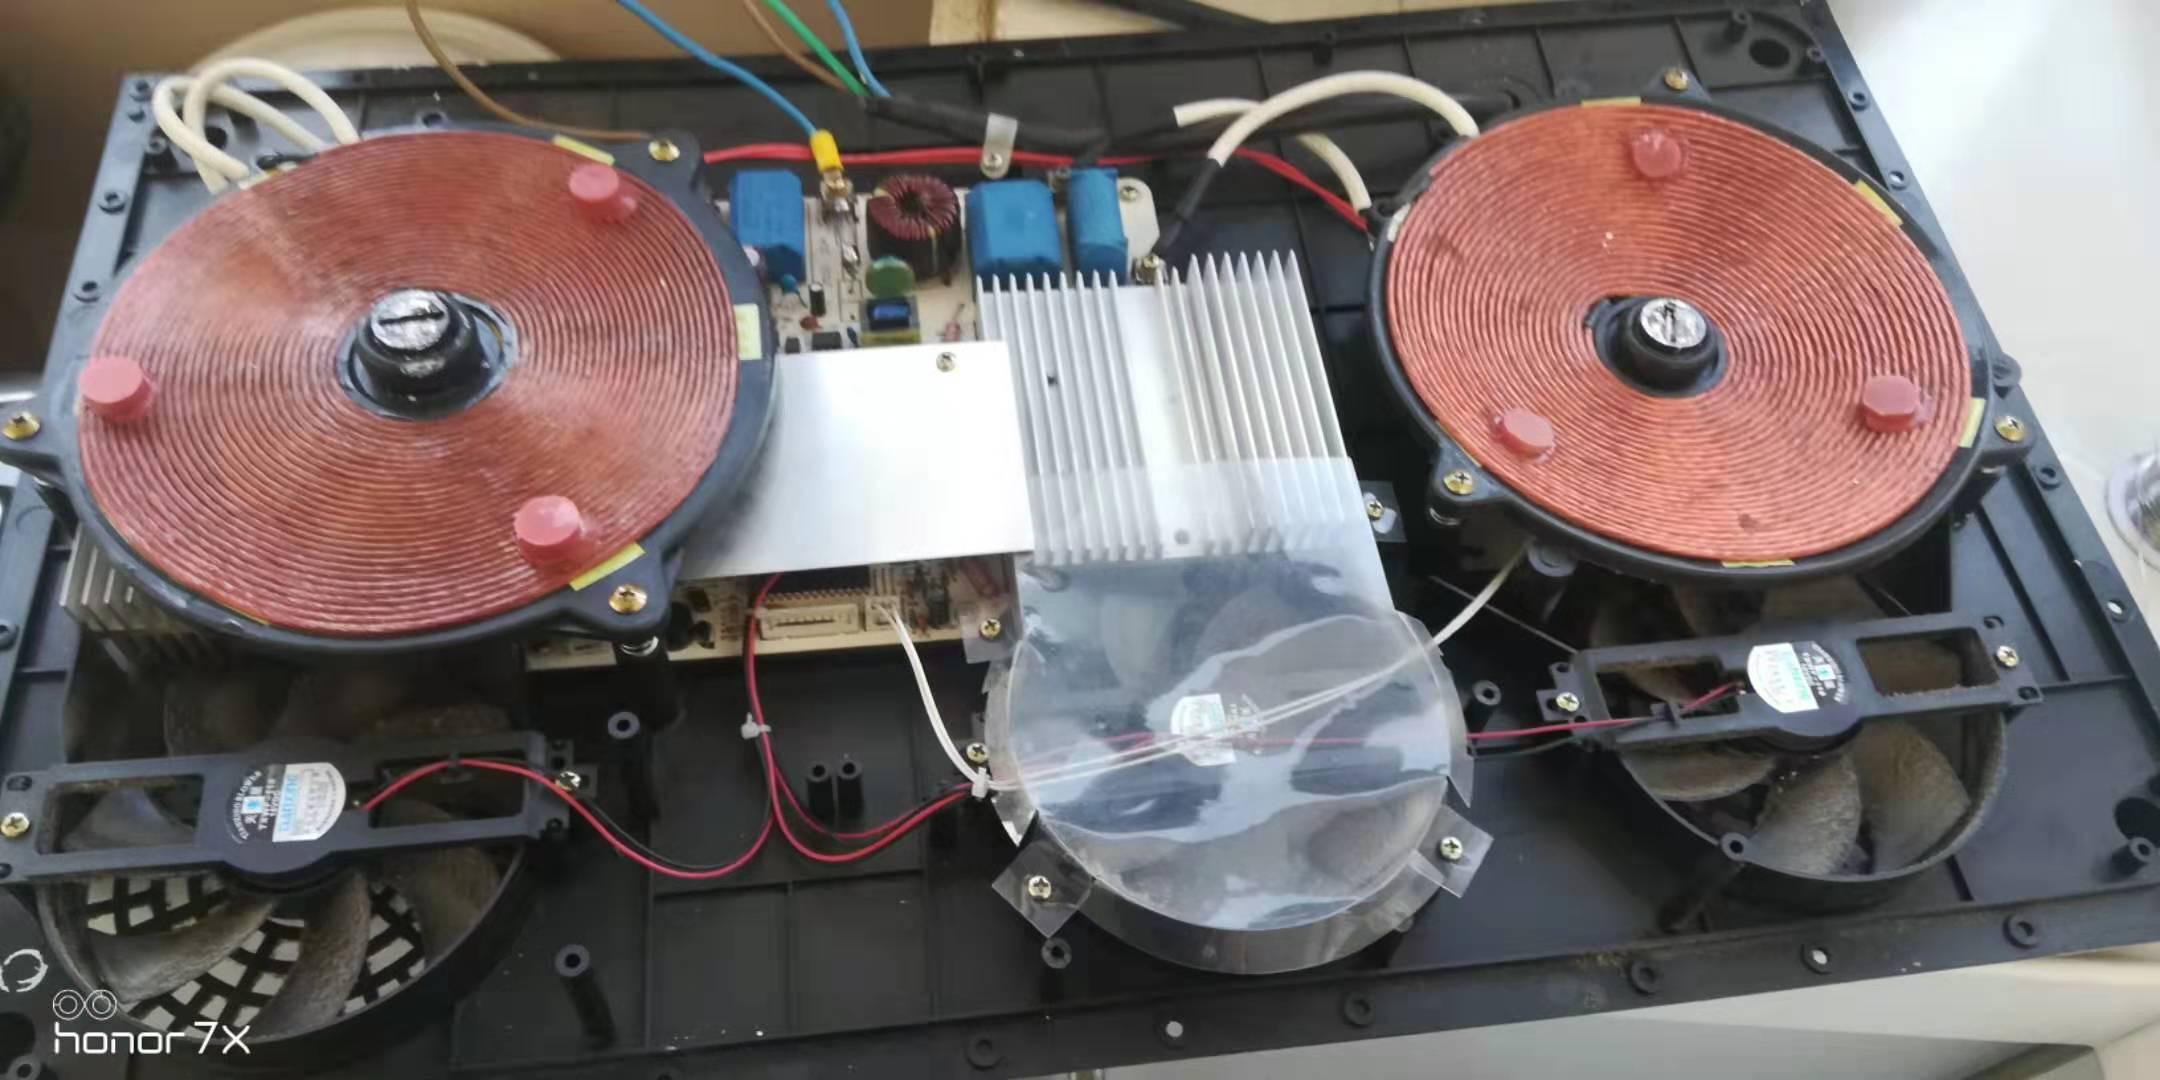 昆明触控电磁炉维修